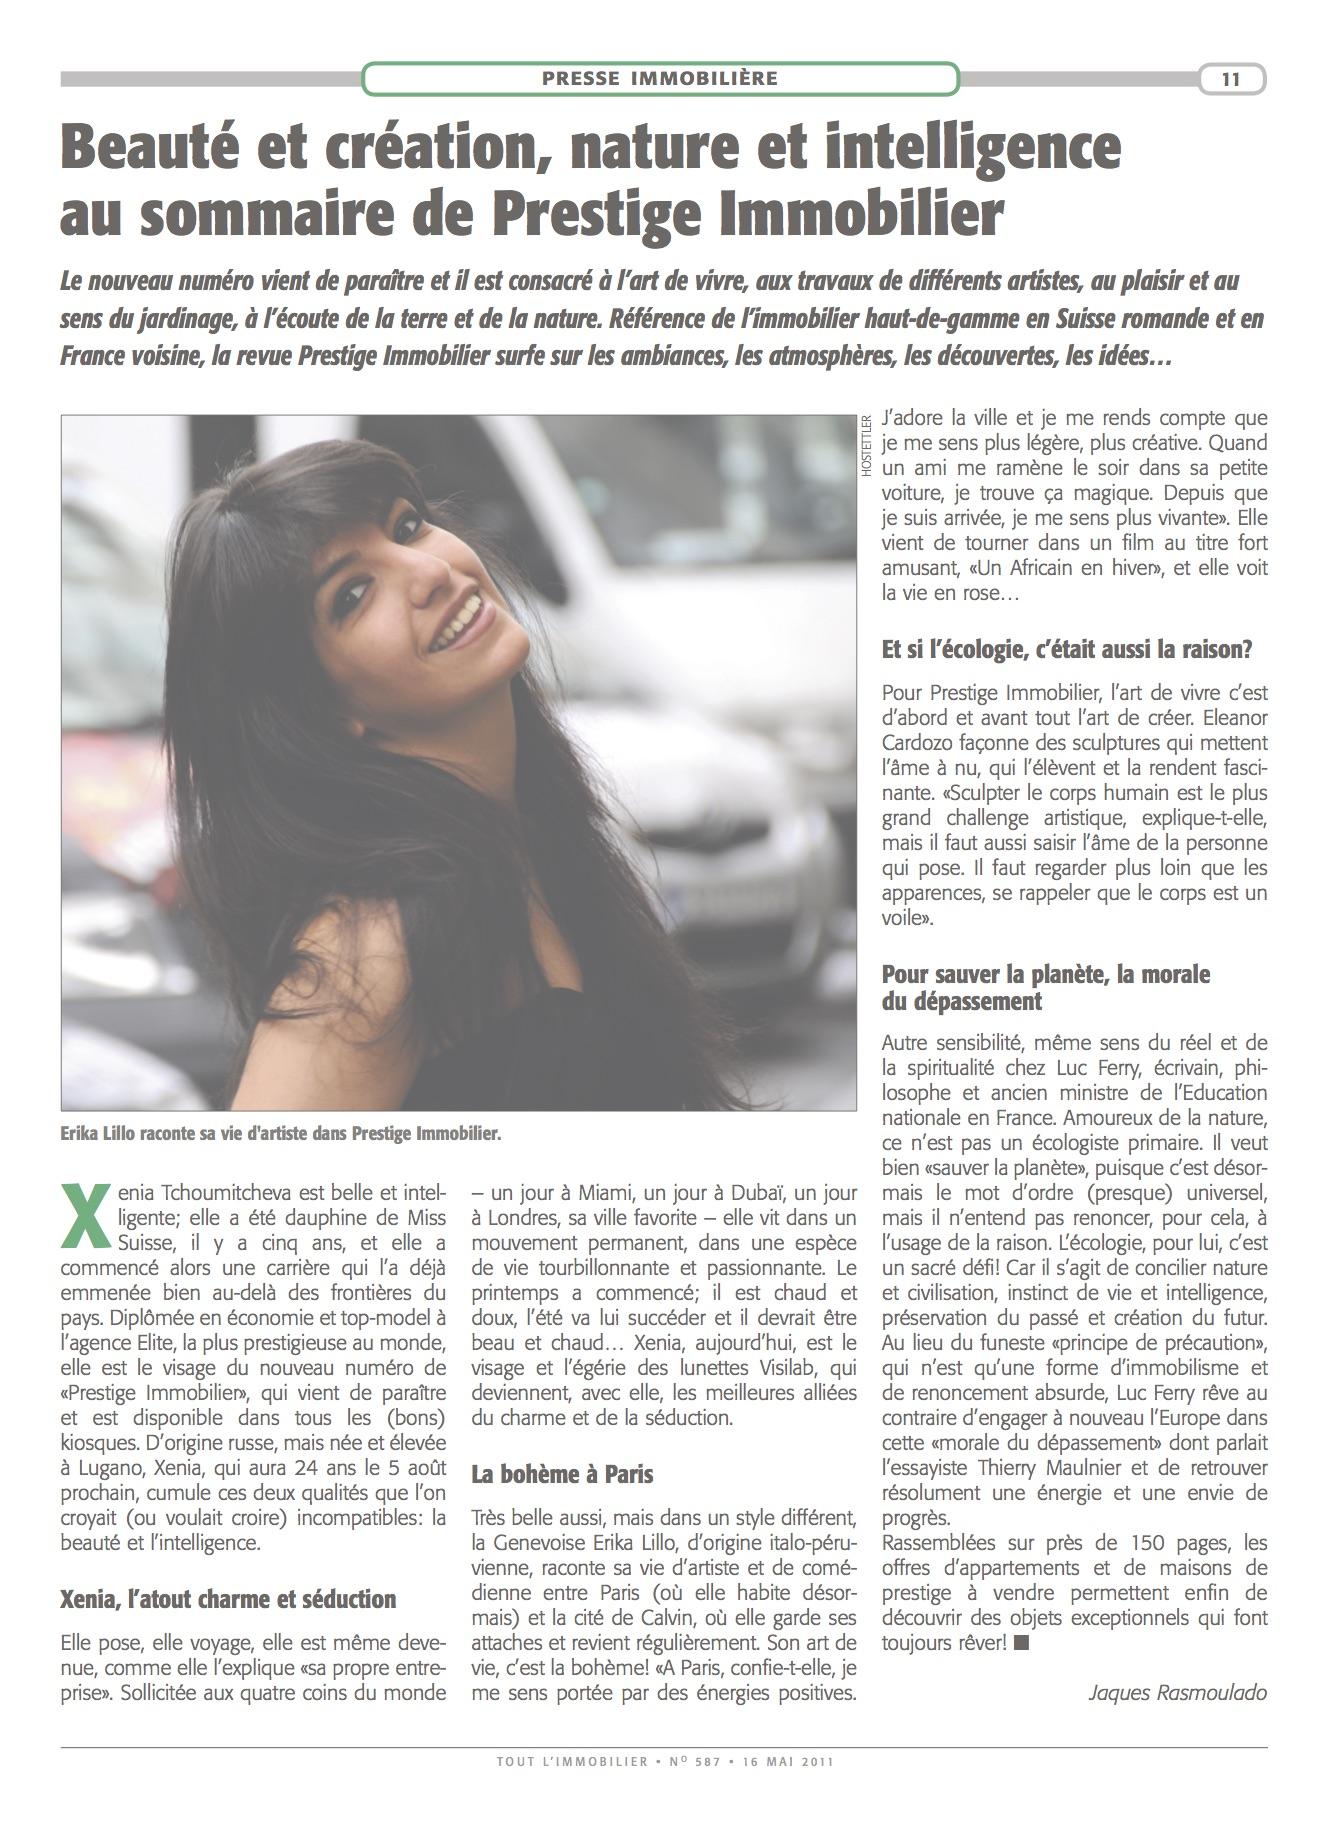 article_1536_i_2011_05_16_587_g